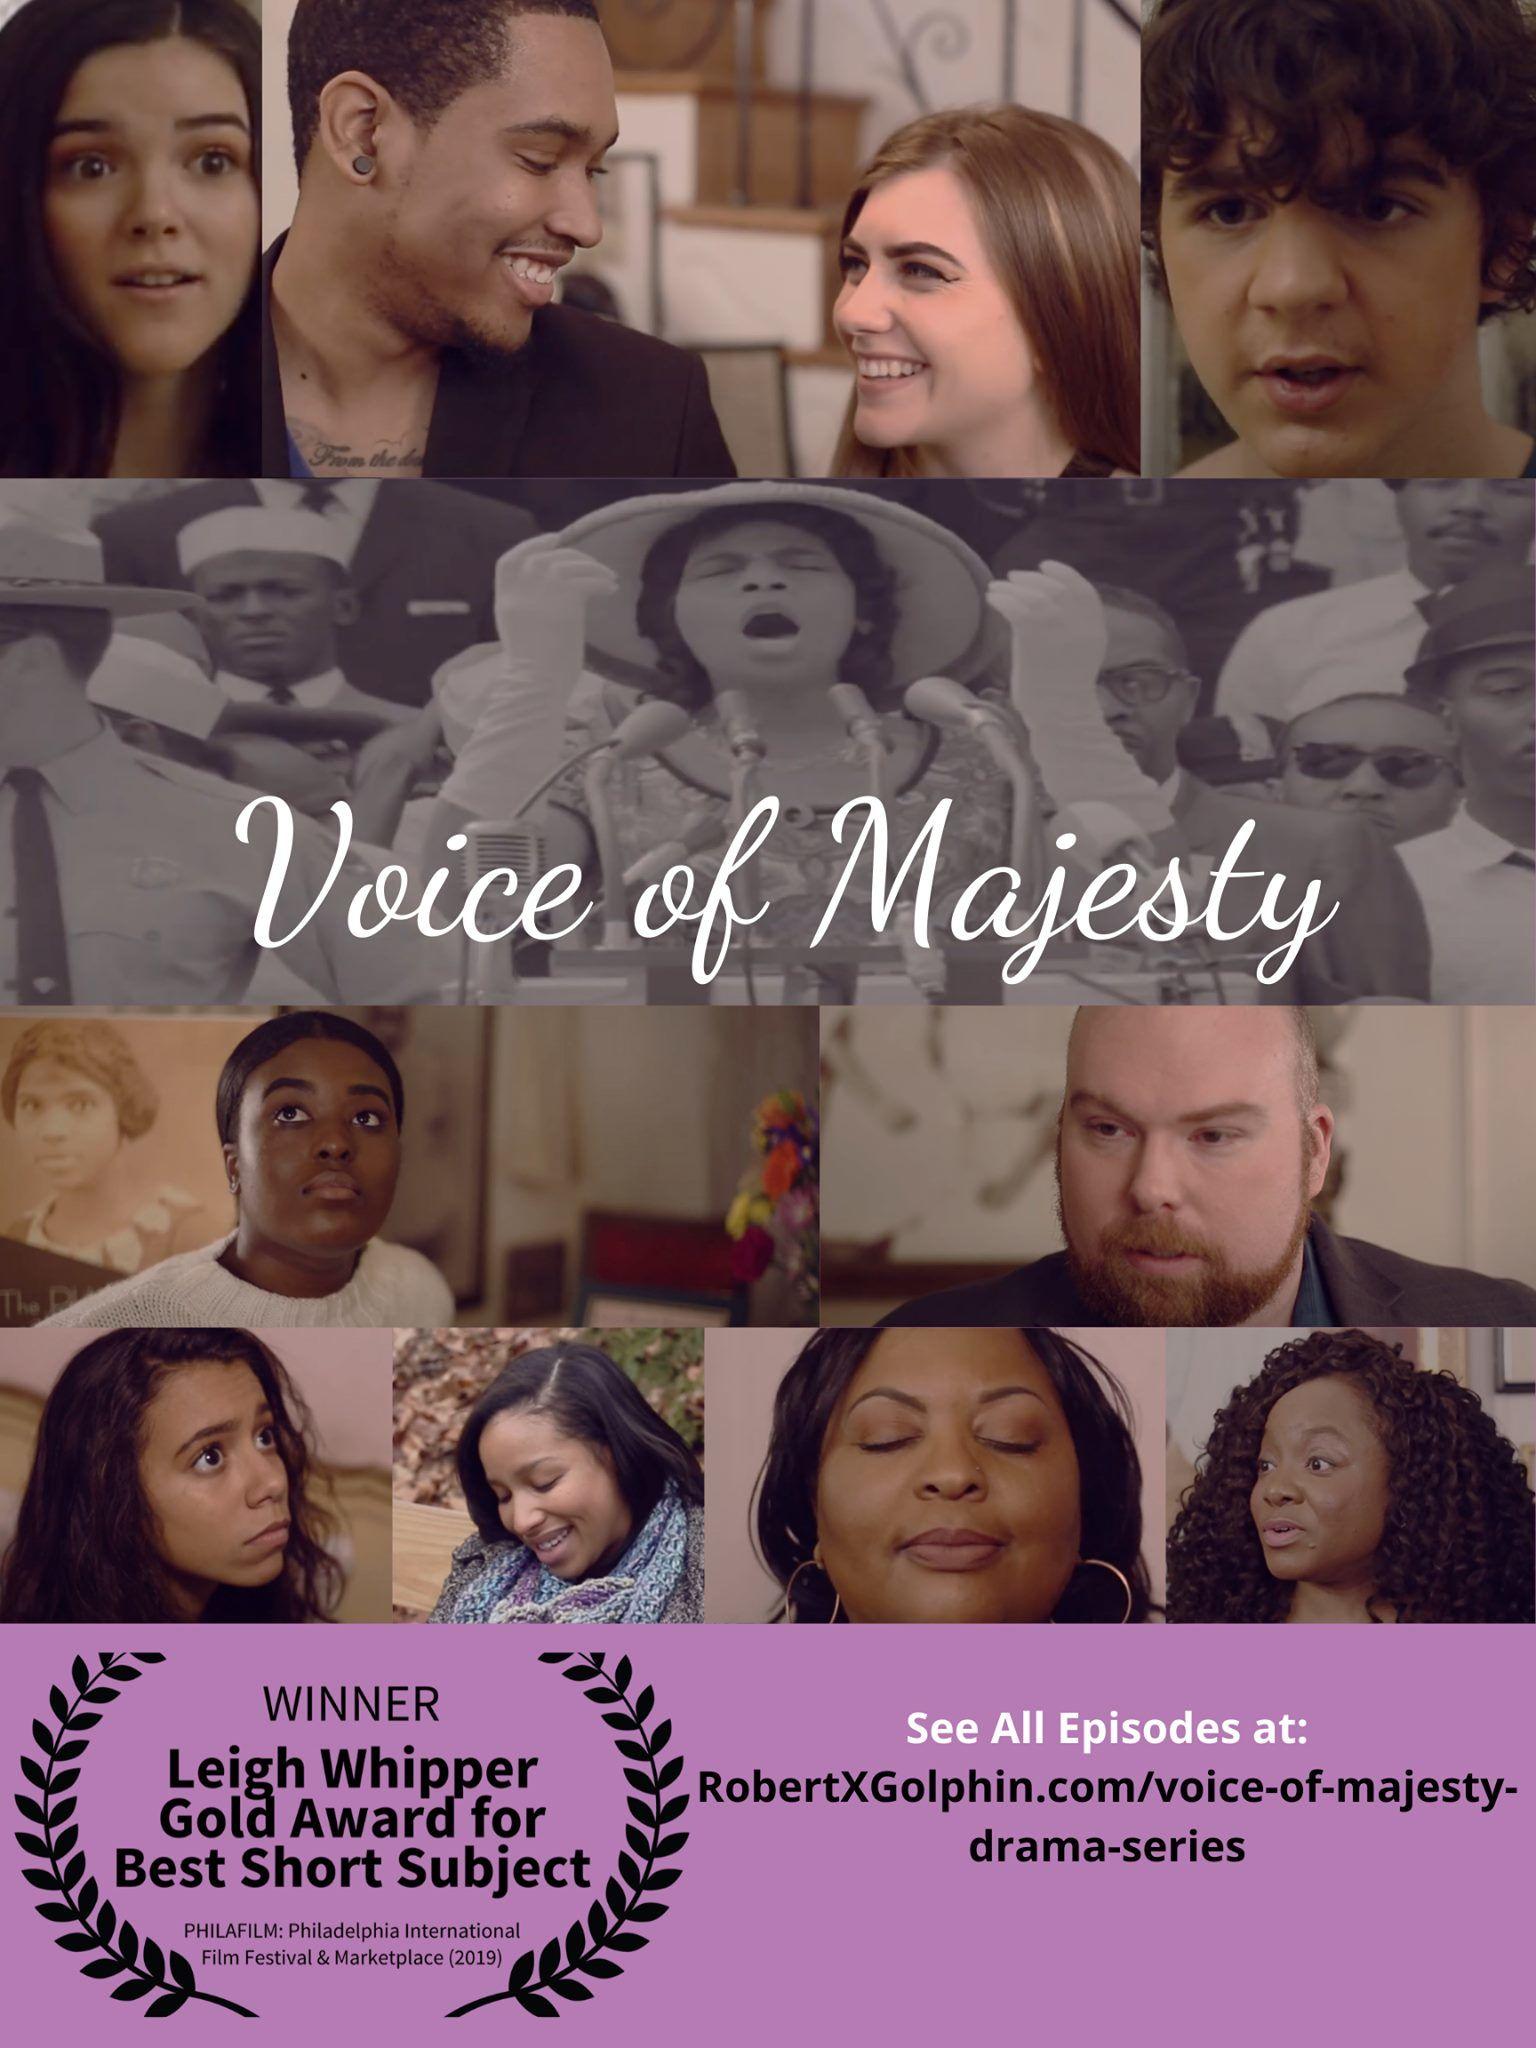 Voice of Majesty